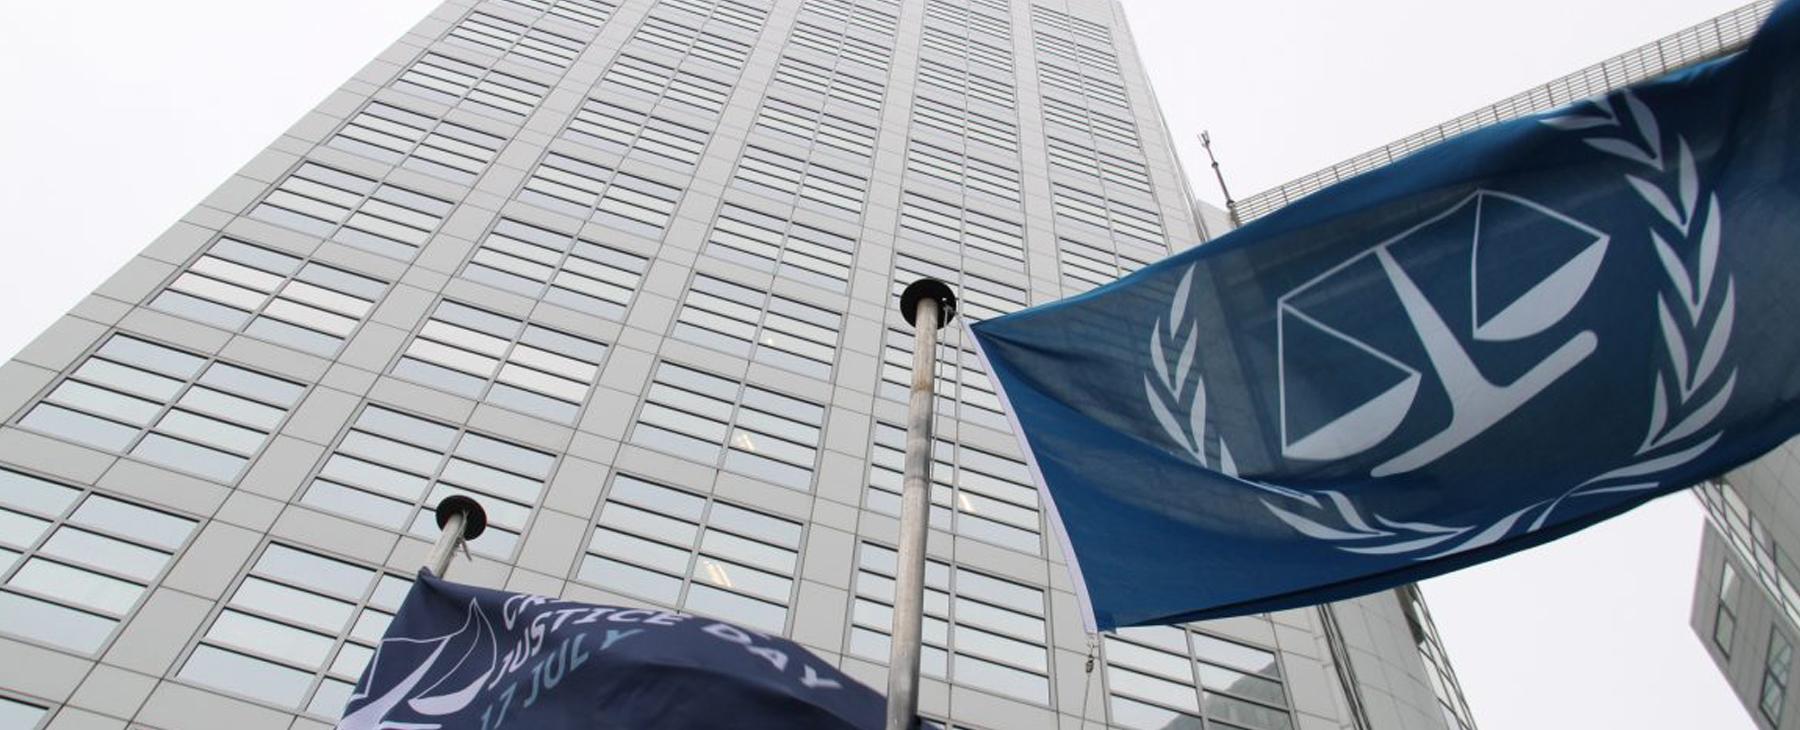 Journée mondiale de la justice internationale : scepticisme et critiques bienvenus !